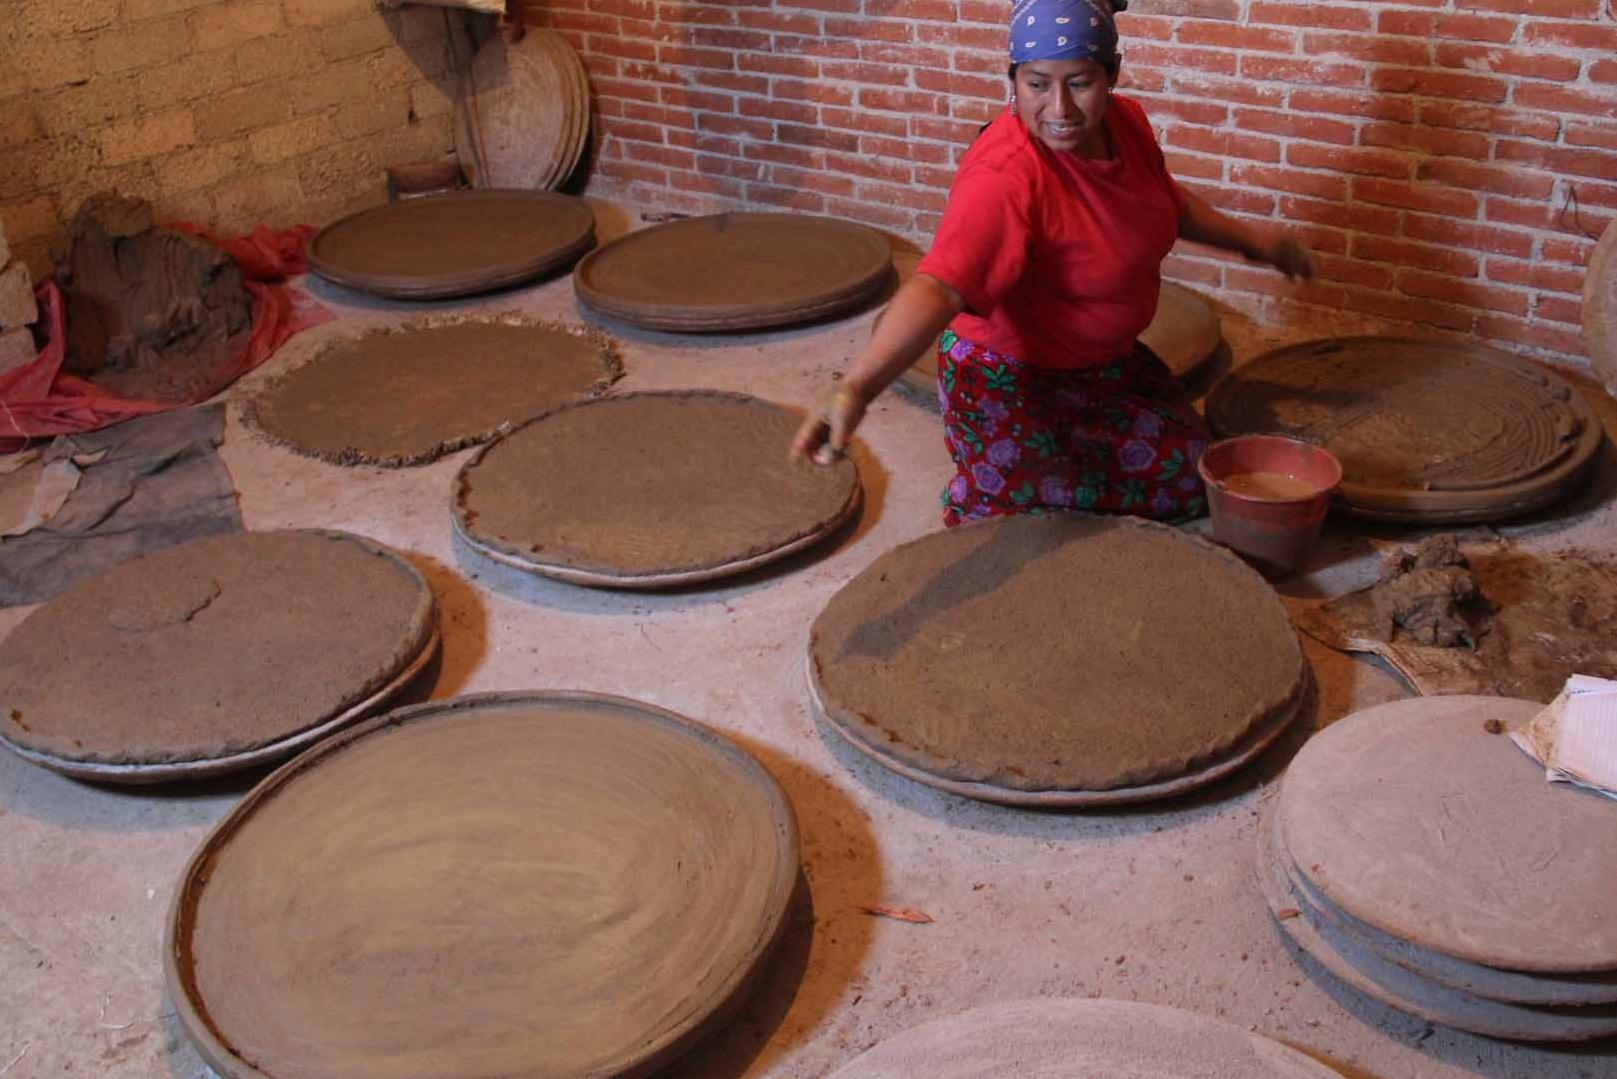 Conocimientos tradicionales muestras del conocimiento for Utensilios de cocina mexicana